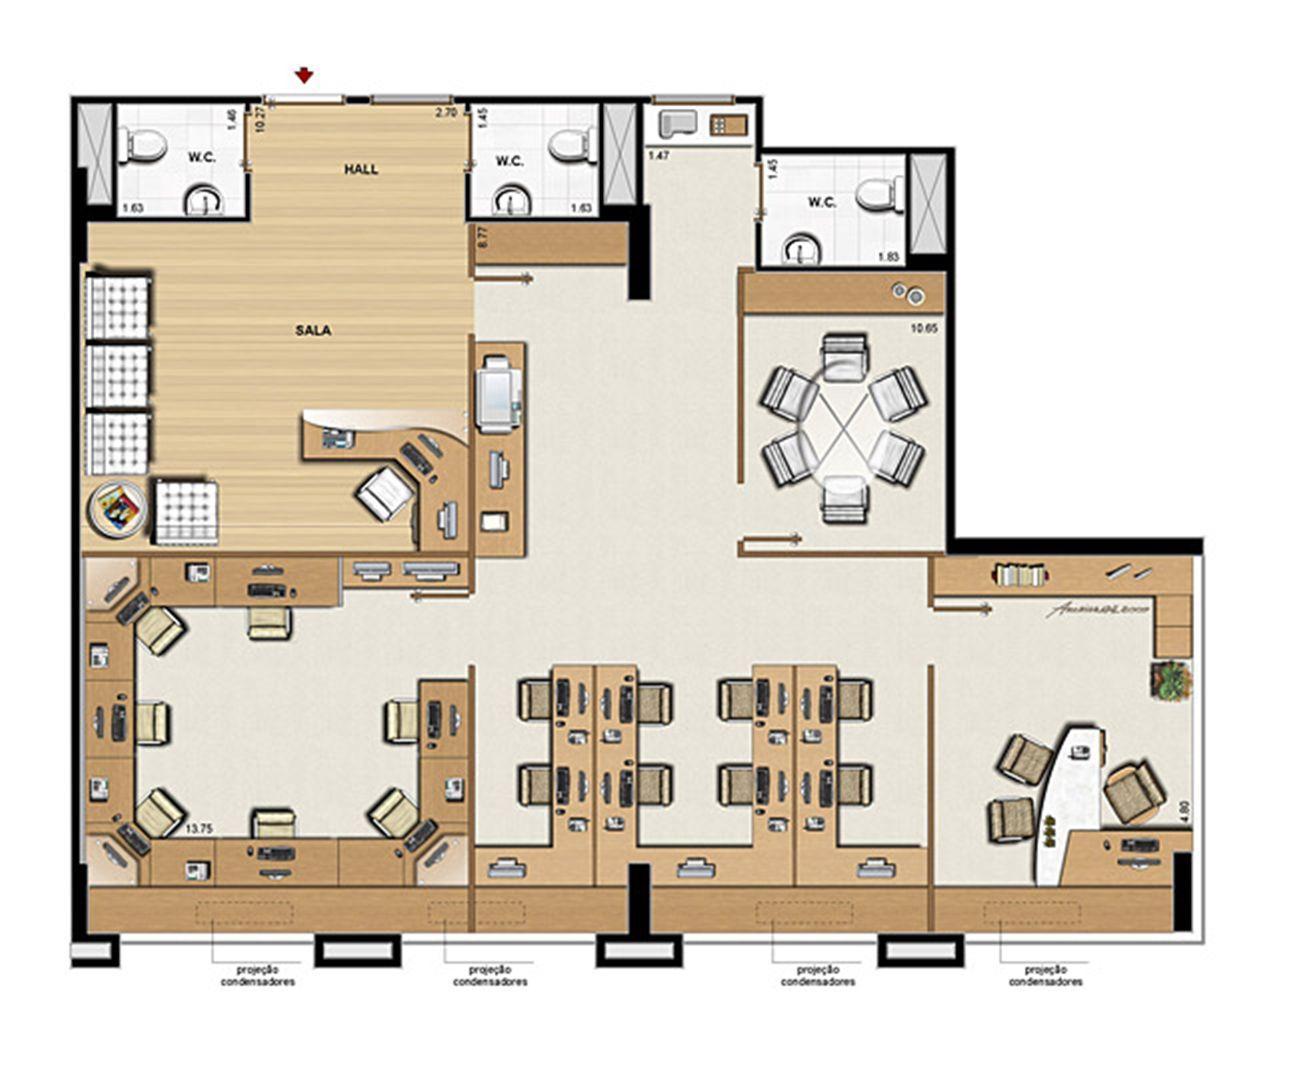 Planta opção 126 m² | CEO  Office – Salas Comerciais na  Barra da Tijuca - Rio de Janeiro - Rio de Janeiro